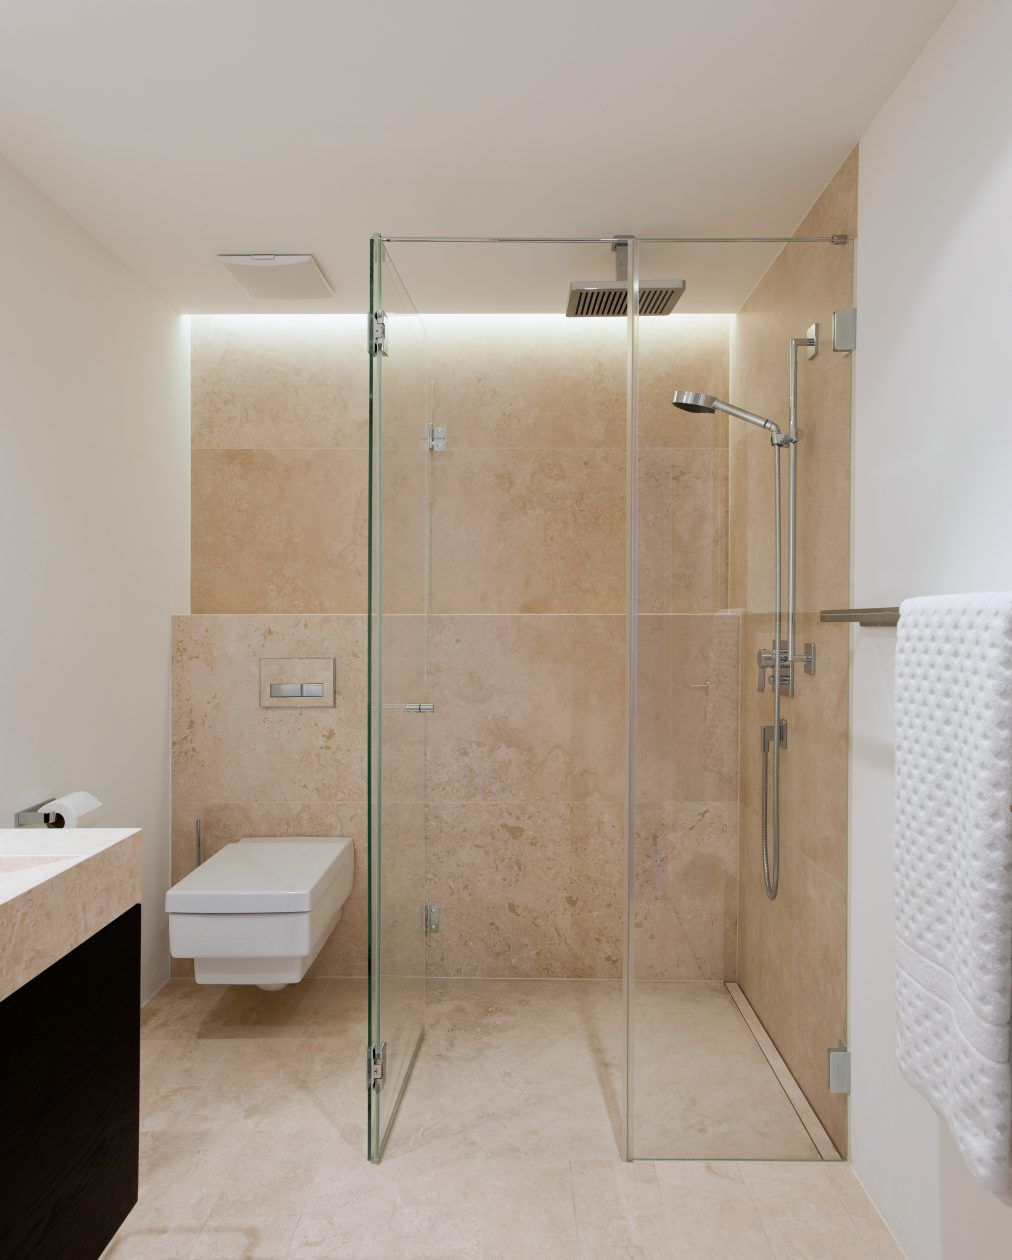 Badezimmer design natur inspiriert monica pozza monicapozza on pinterest